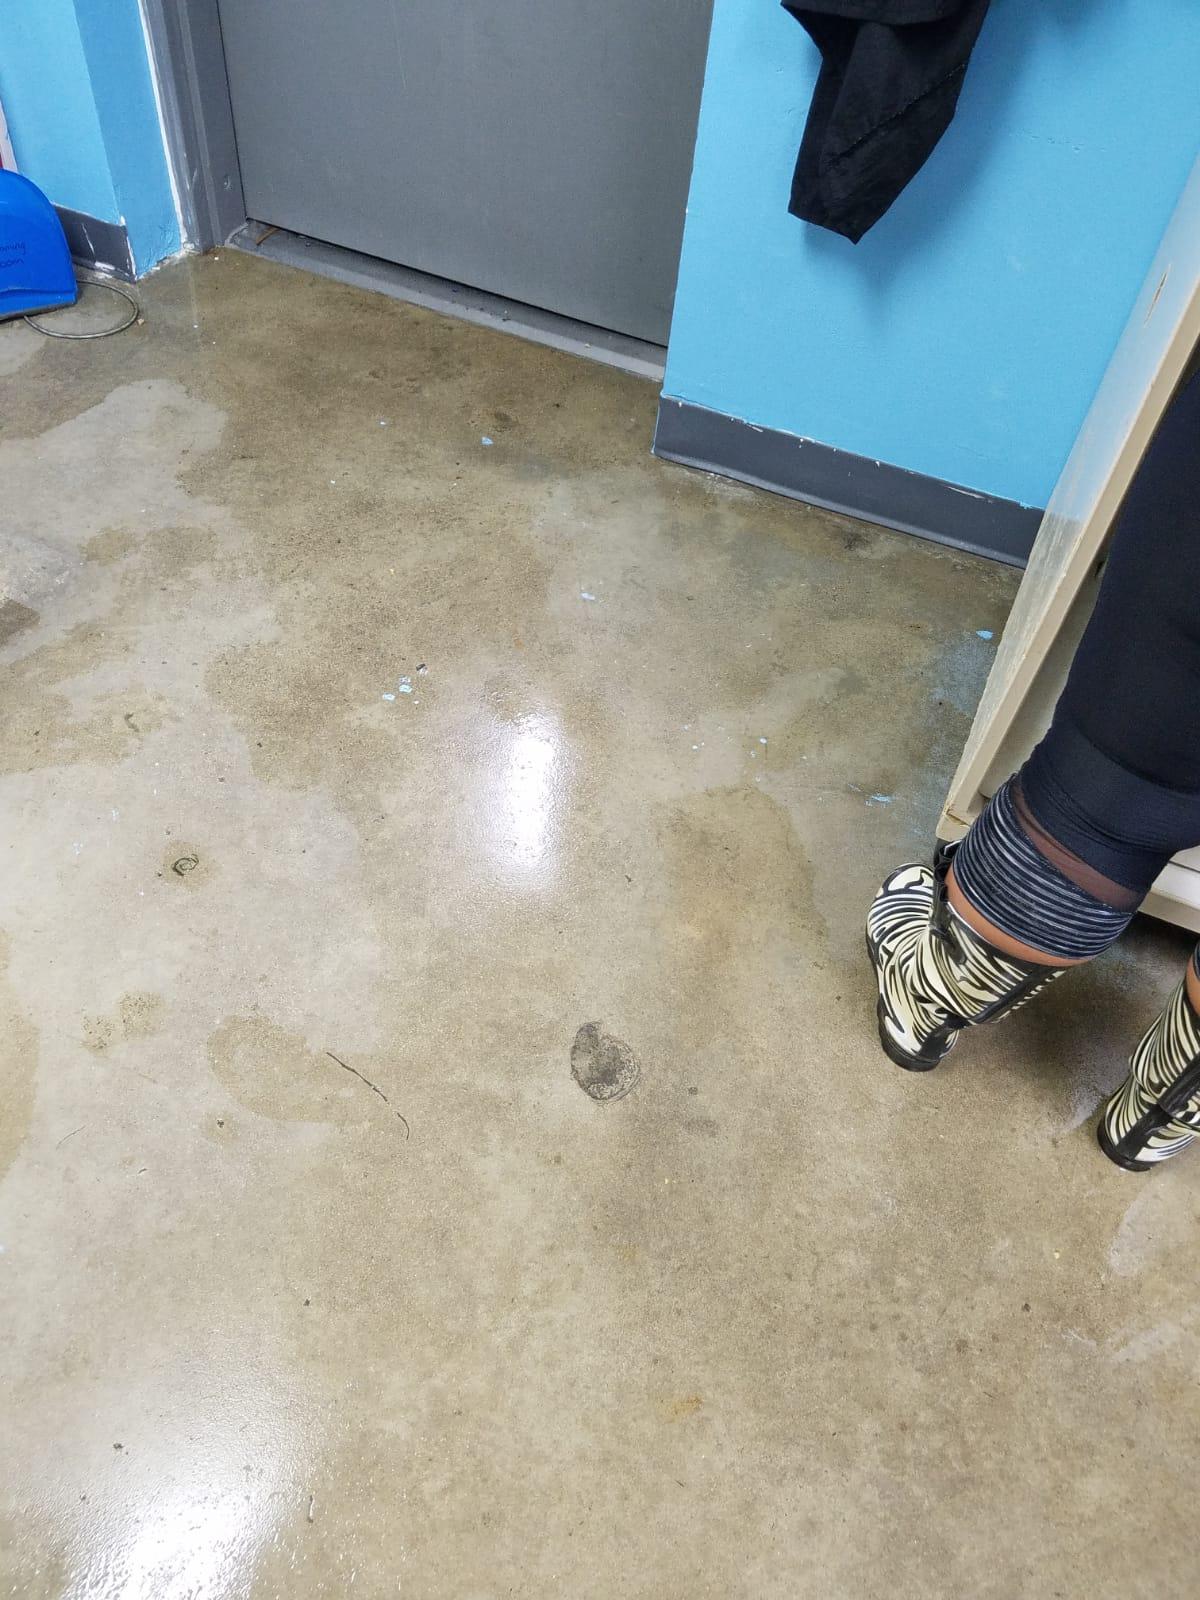 Outer Banks SPCA Flooding_1532540804581.jpg